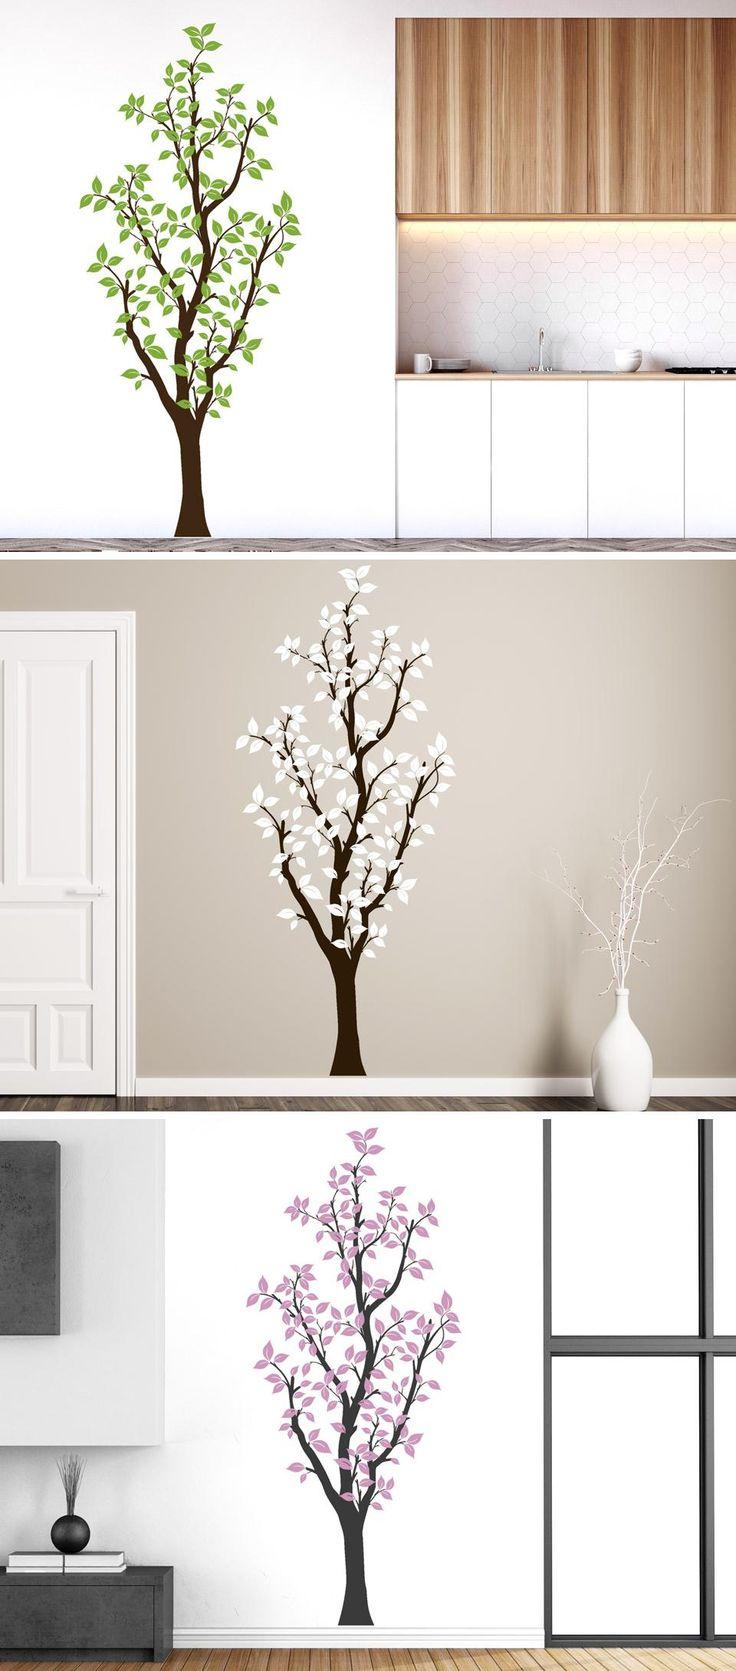 die besten 25 garderobe baum ideen auf pinterest mantel. Black Bedroom Furniture Sets. Home Design Ideas